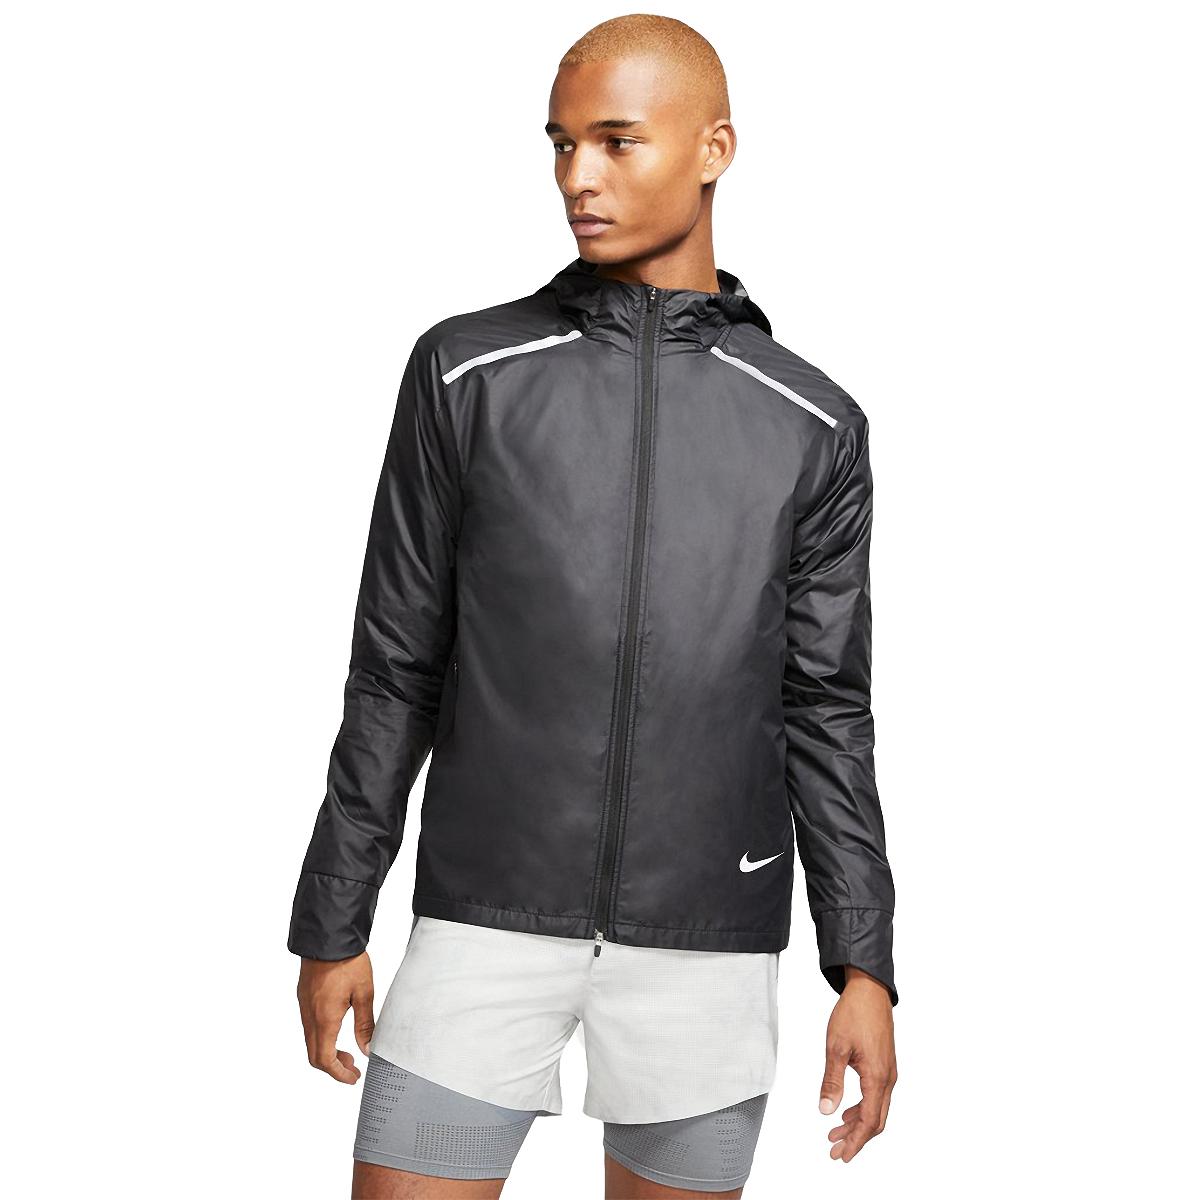 Men's Nike Essential Jacket  - Color: Black/Reflective - Size: S, Black/Reflective, large, image 1